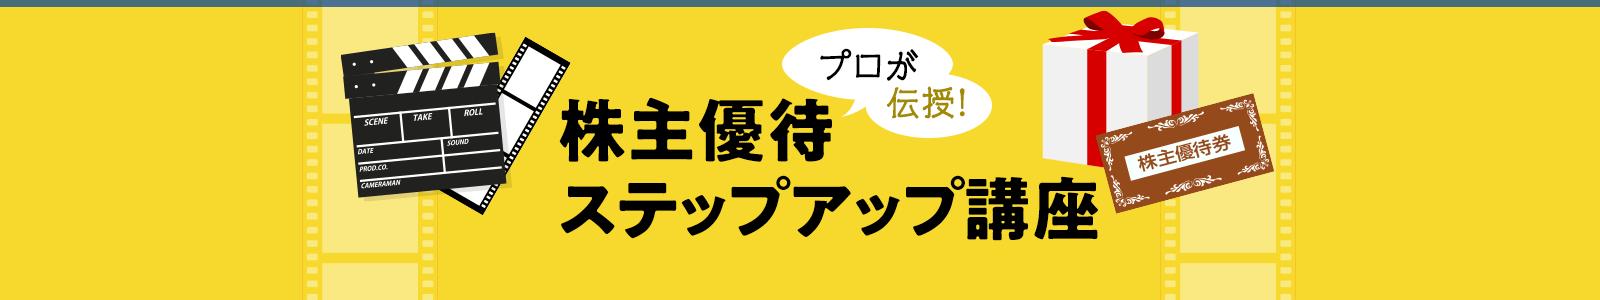 株主優待ステップアップ講座